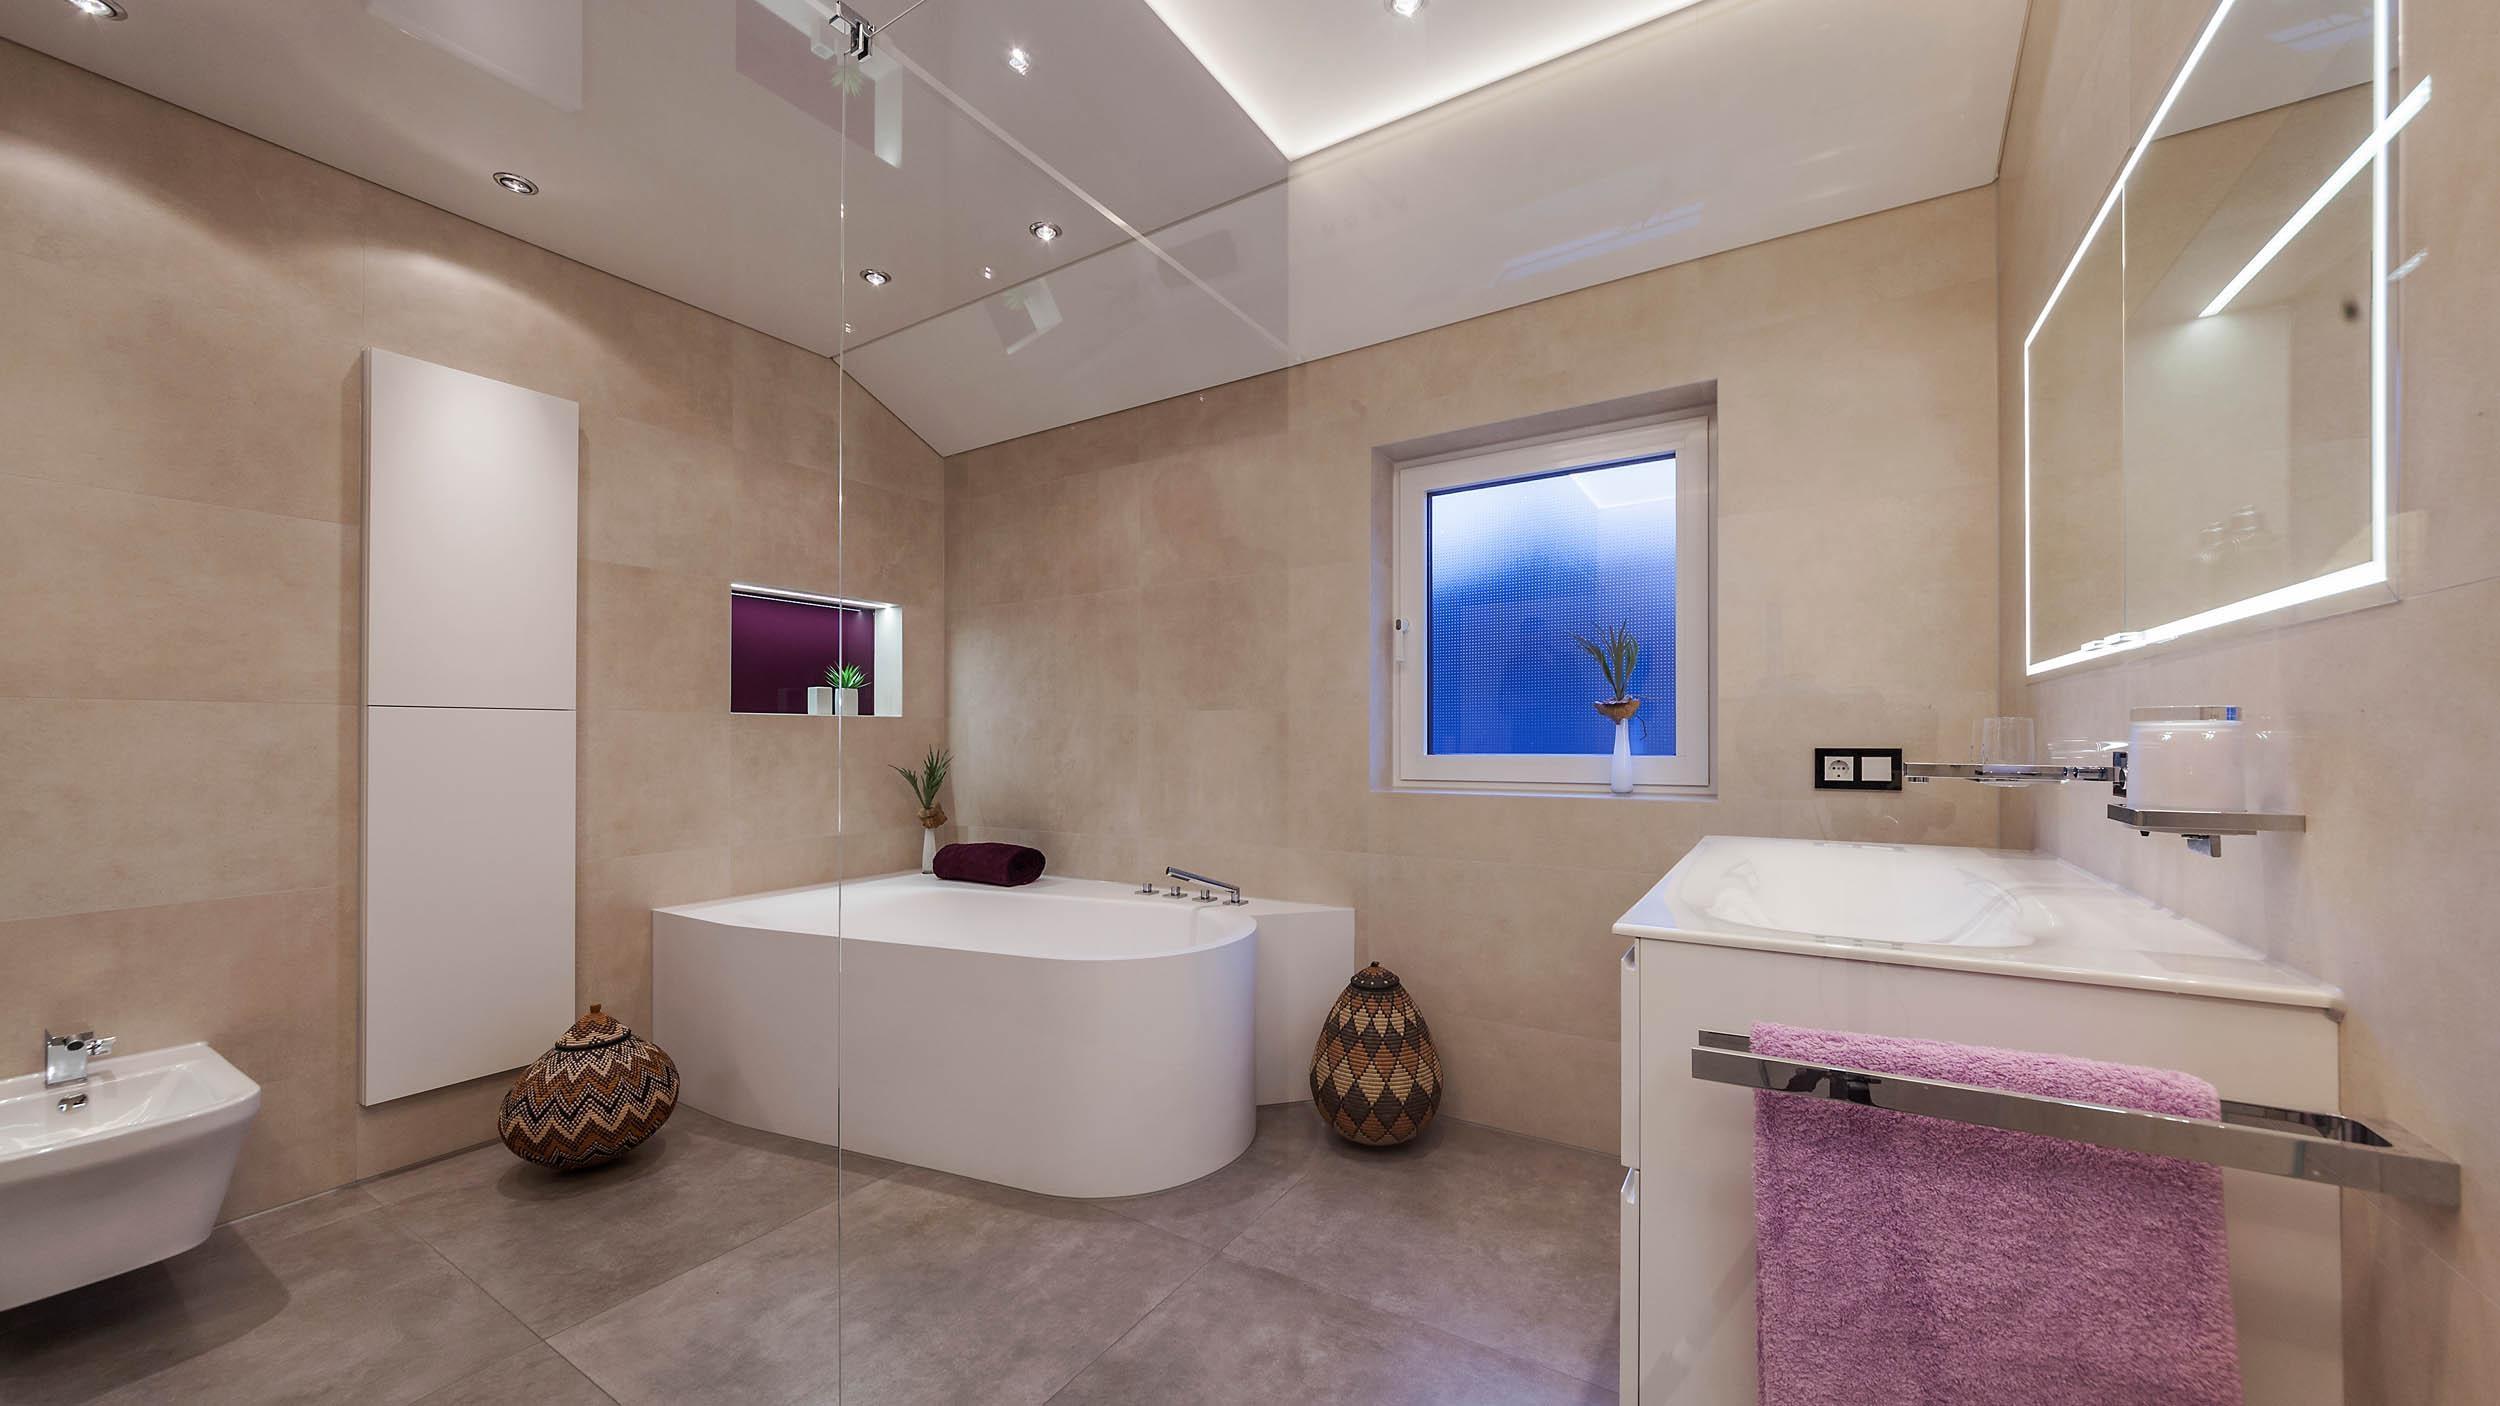 Beeindruckend Badezimmer Badewanne Ideen Von #bestebadstudios #badezimmer #bad #badewanne #wc #waschbecken #badmöbel